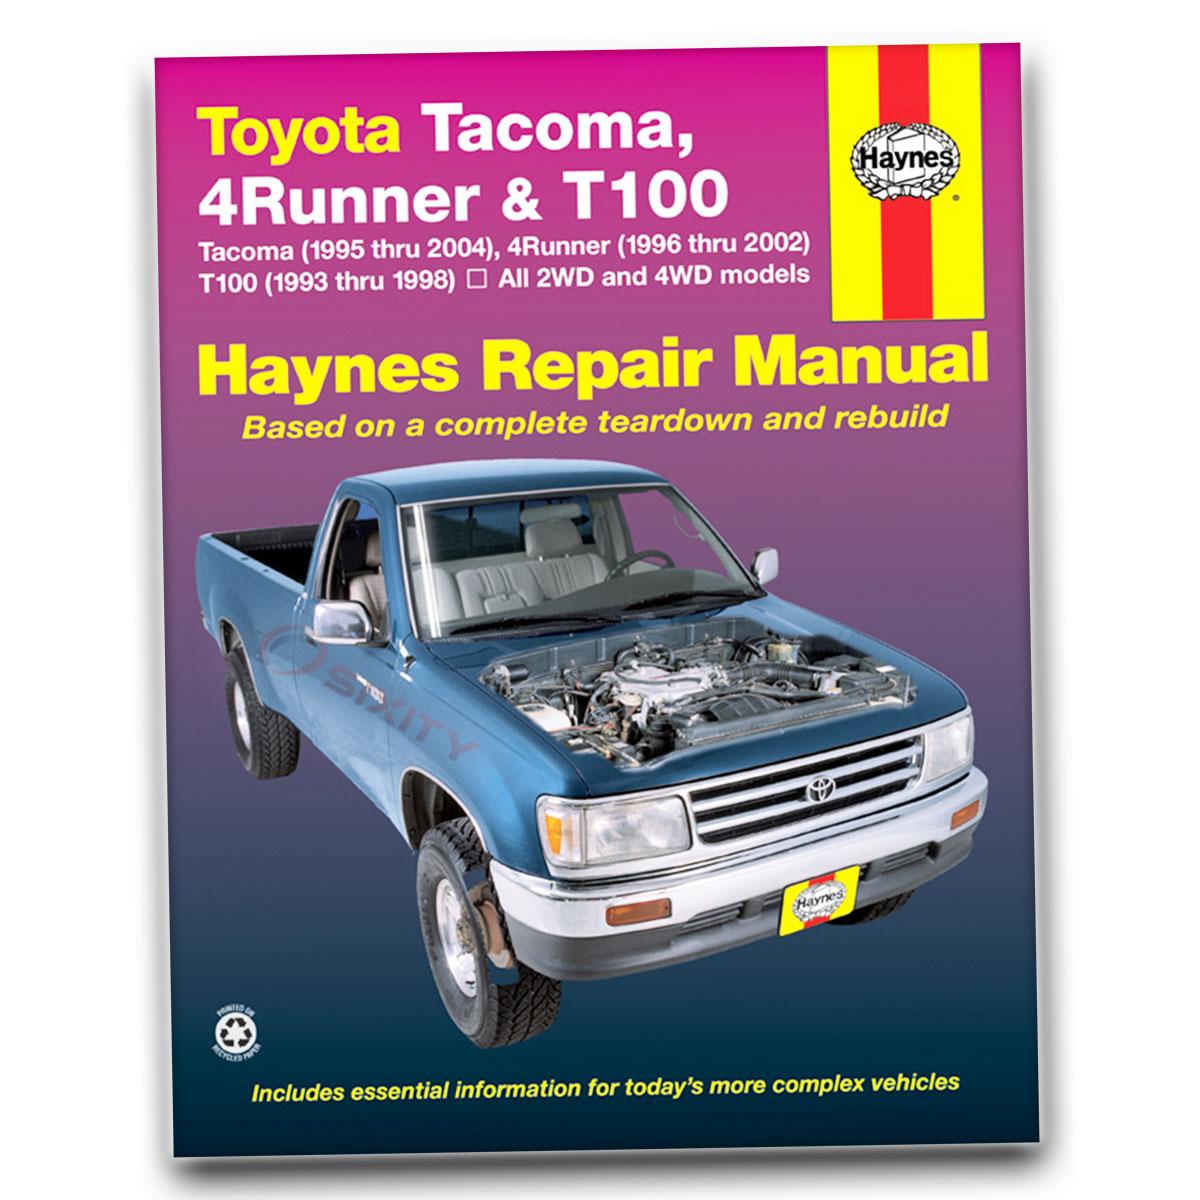 Haynes Repair Manual 92076 For Toyota Tacoma 95 04 4runner 96 02 Saturn Wiring Diagram 1563926261 038345920769